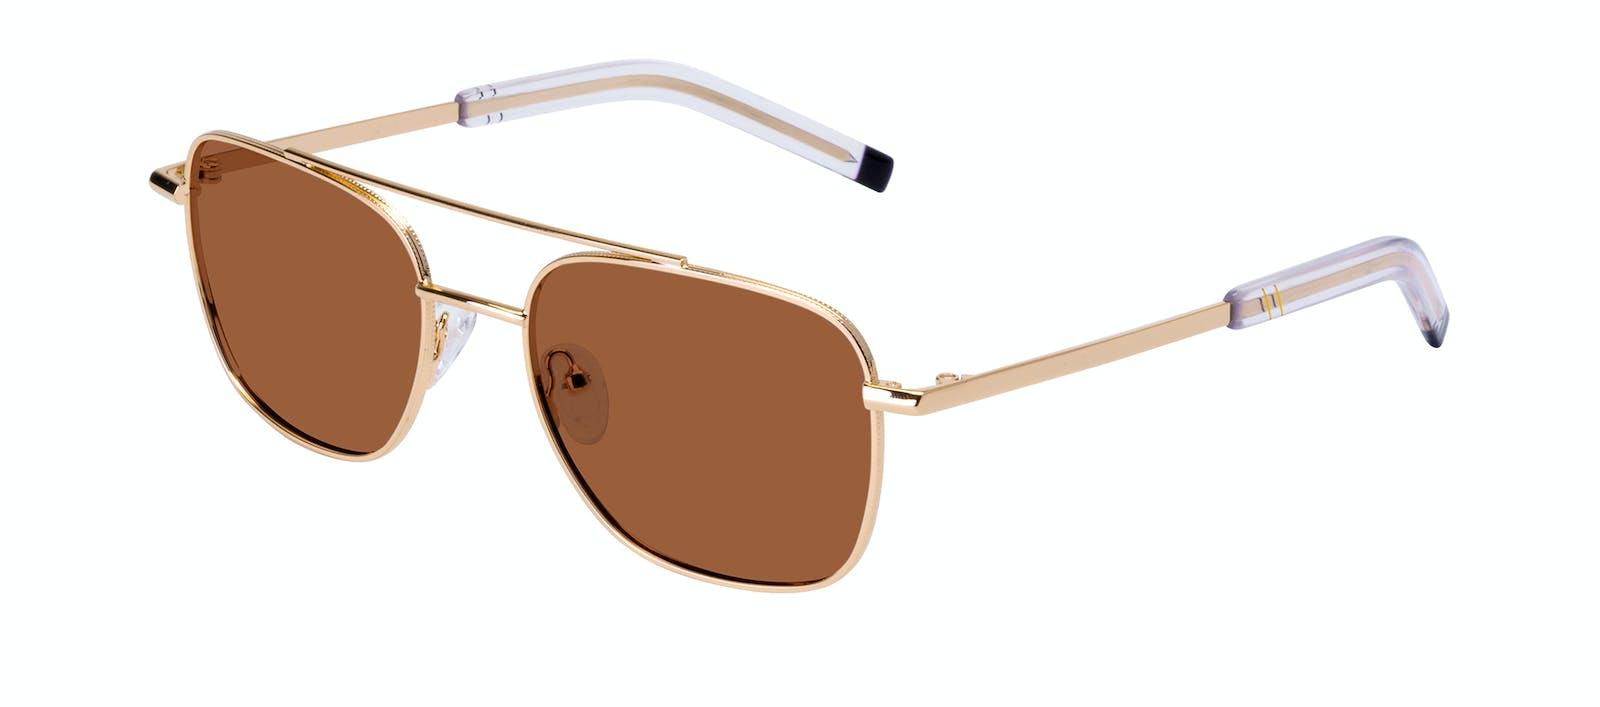 d24909b37f Affordable Fashion Glasses Aviator Sunglasses Men Drift Gold Tilt